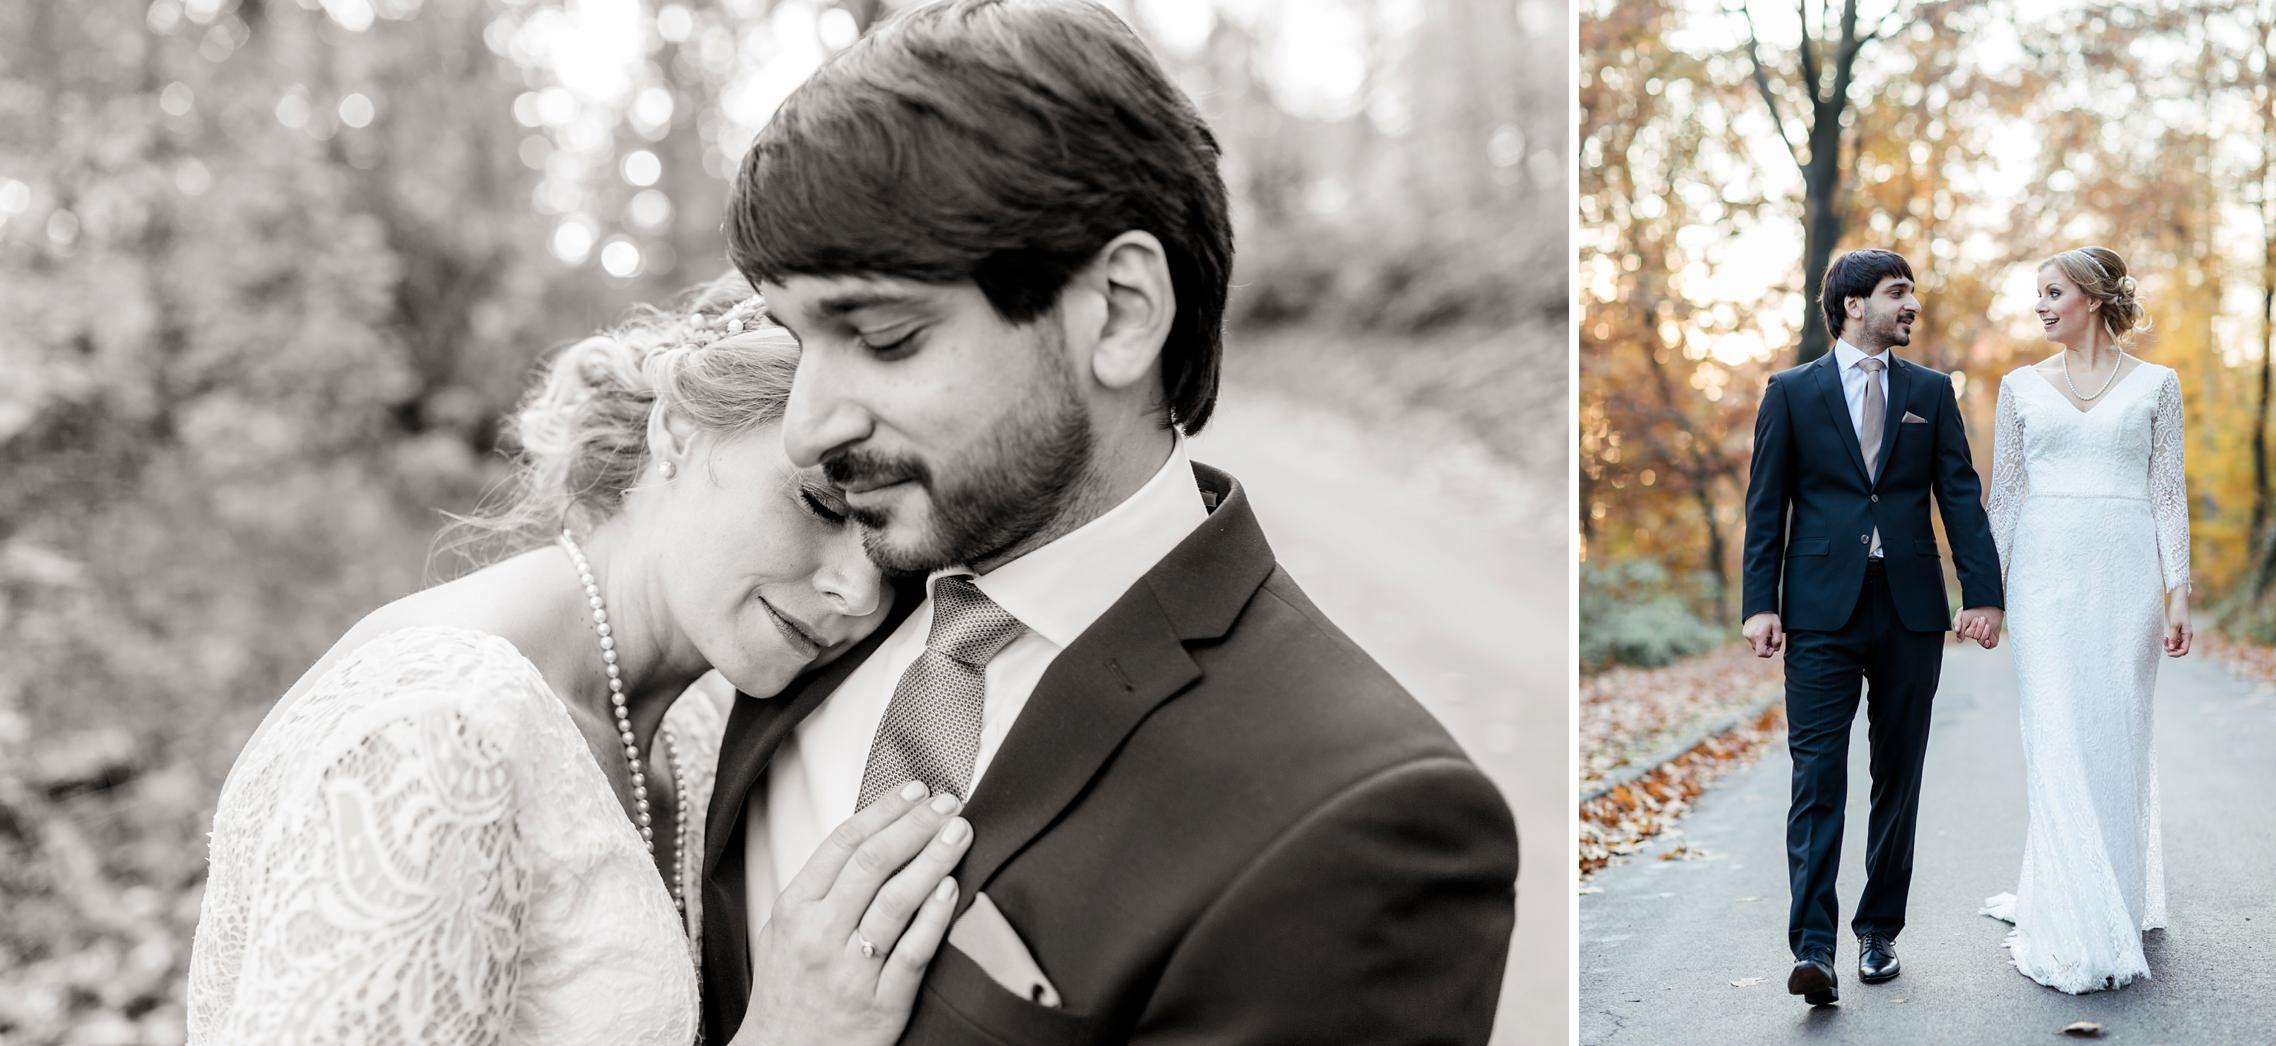 Romantisches Brautpaar Shooting in schwarzweiss im Wald